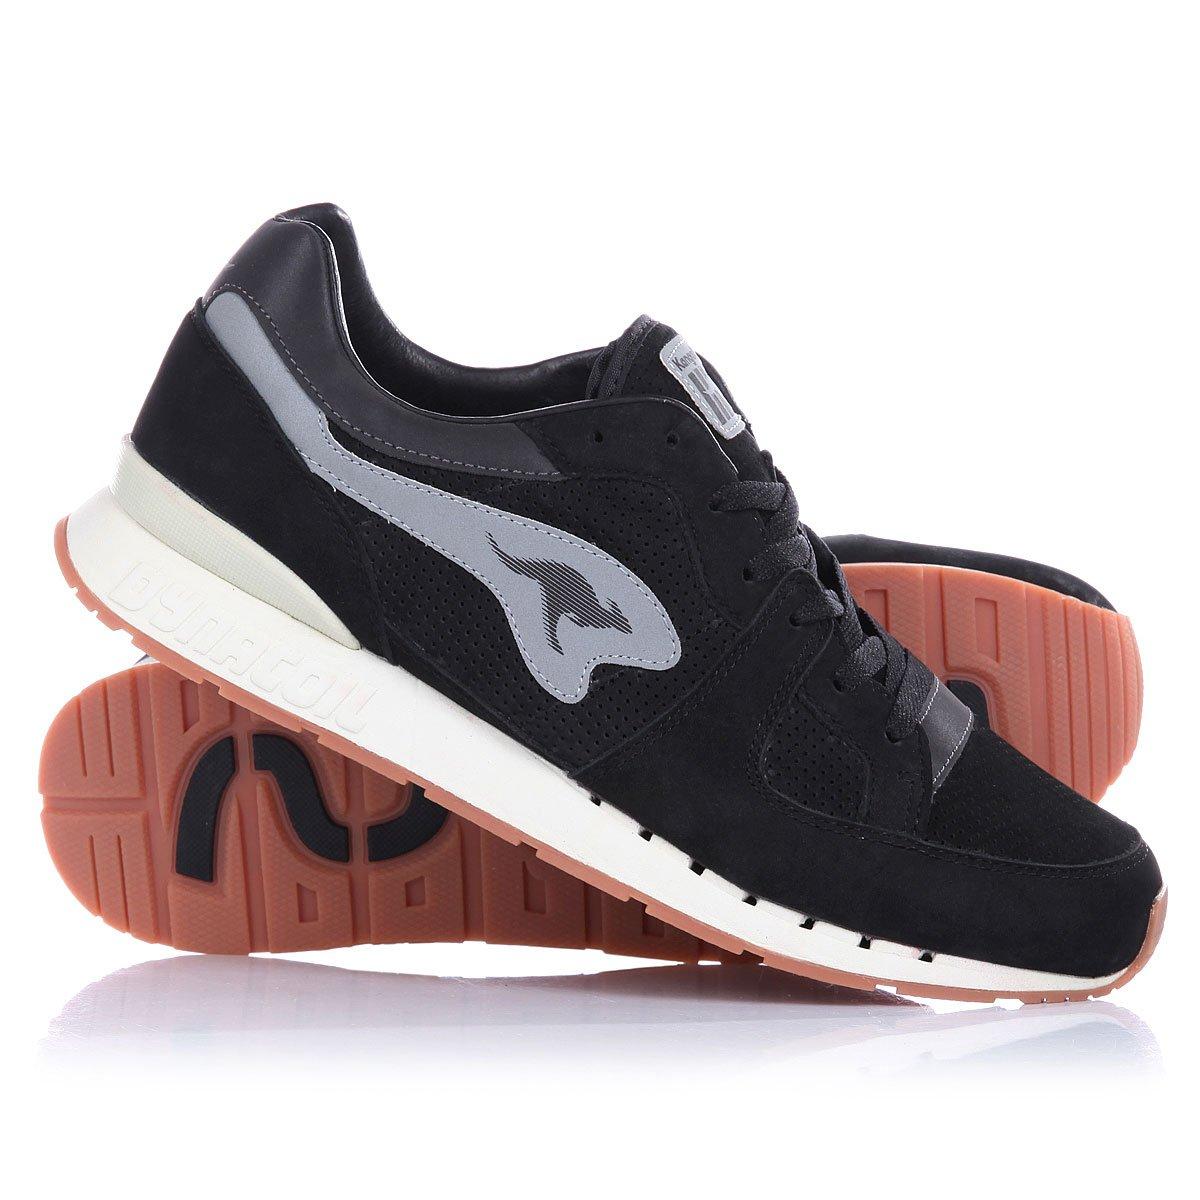 3f41bd49 Купить кроссовки Kangaroos Coil R1 Nubuck Black/Mid Grey в интернет ...